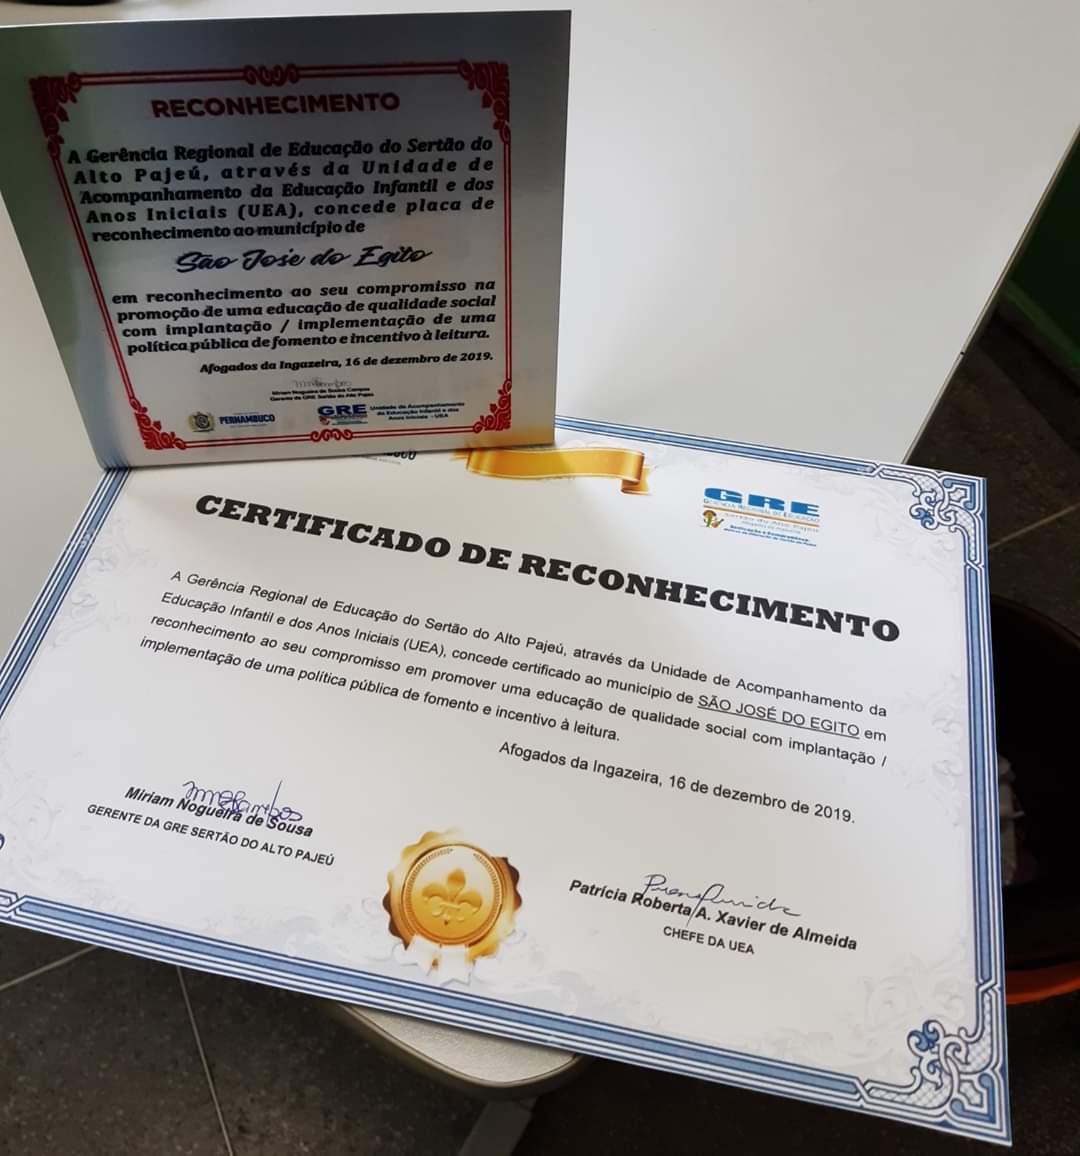 GRE diz que São José do Egito tem política pública de incentivo a leitura, e reconhece iniciativa com certificado e placa